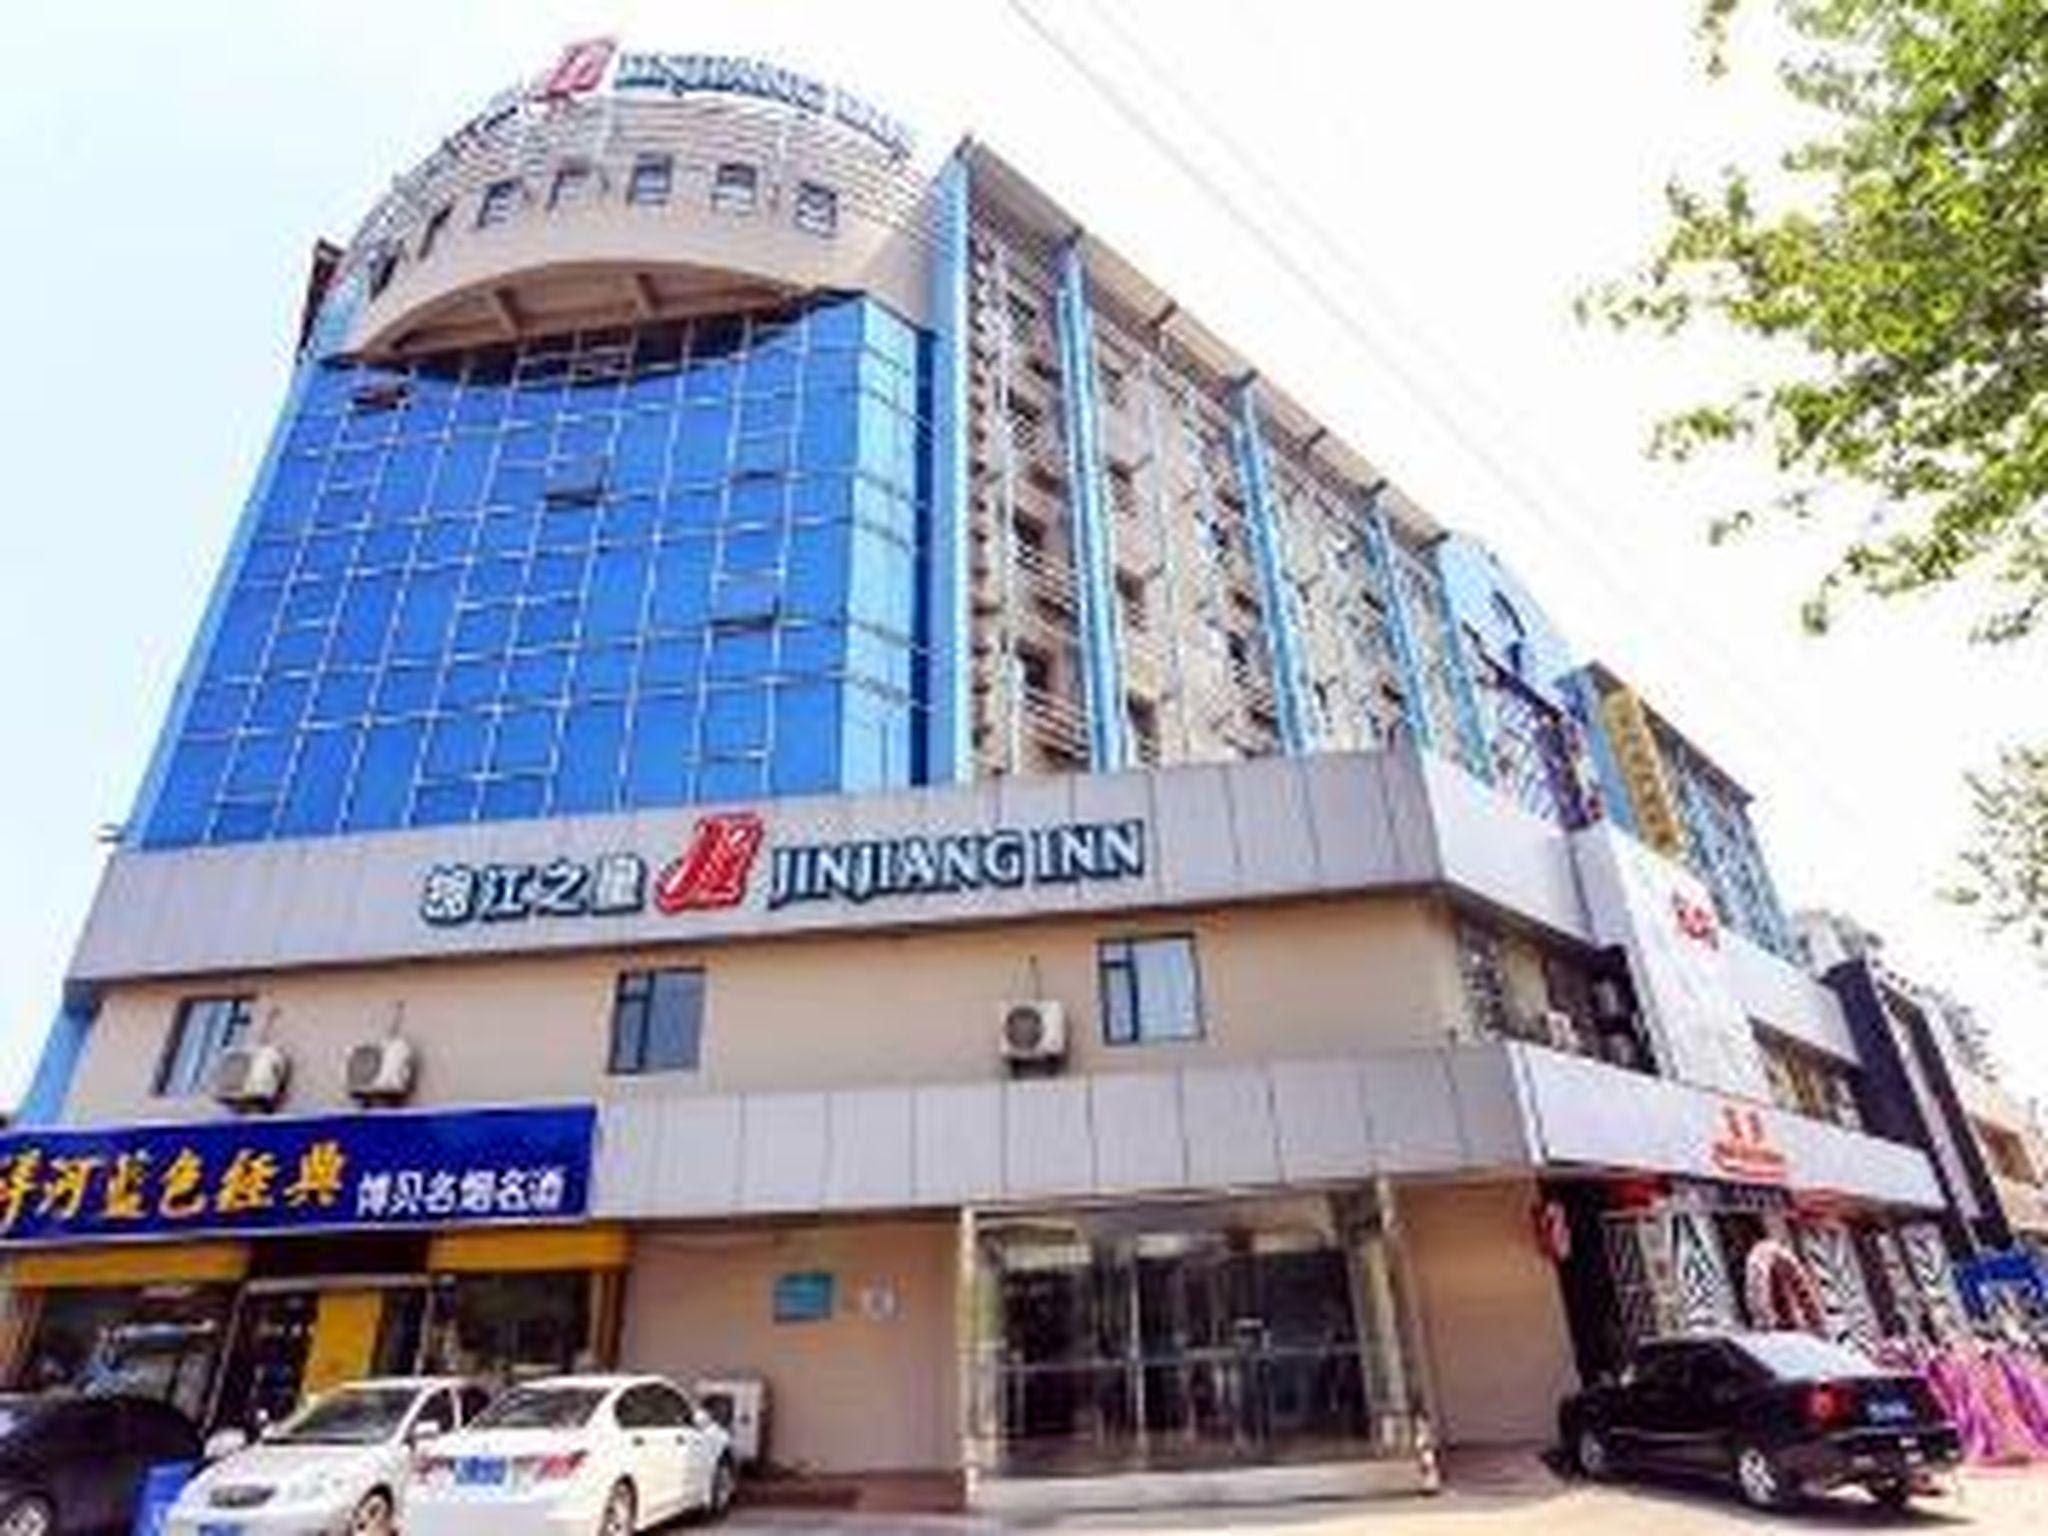 Jinjiang Inn Nanjing Mochou Lake Reviews